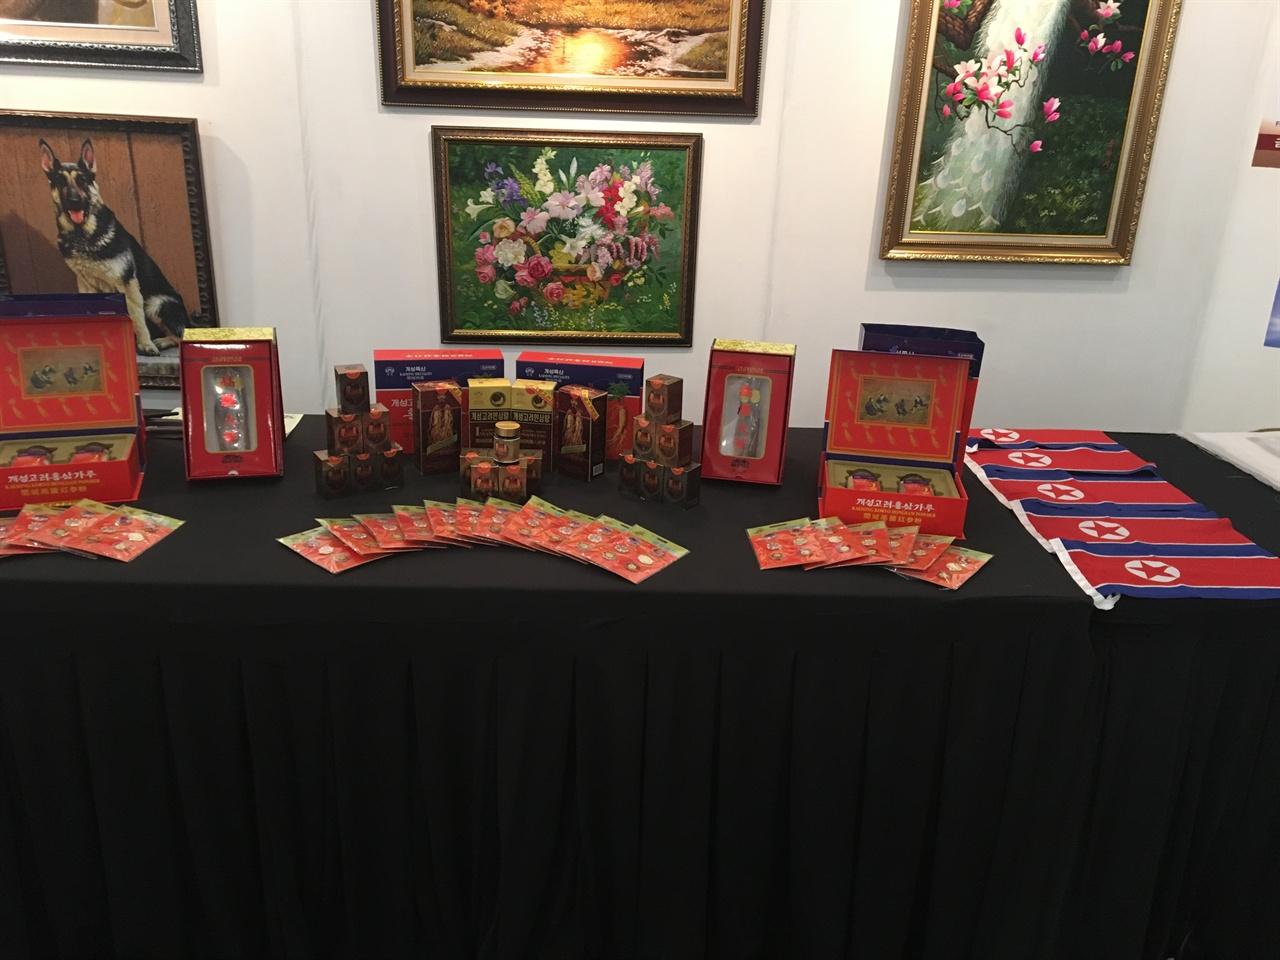 북측 올림픽회관에서 판매중인 물품